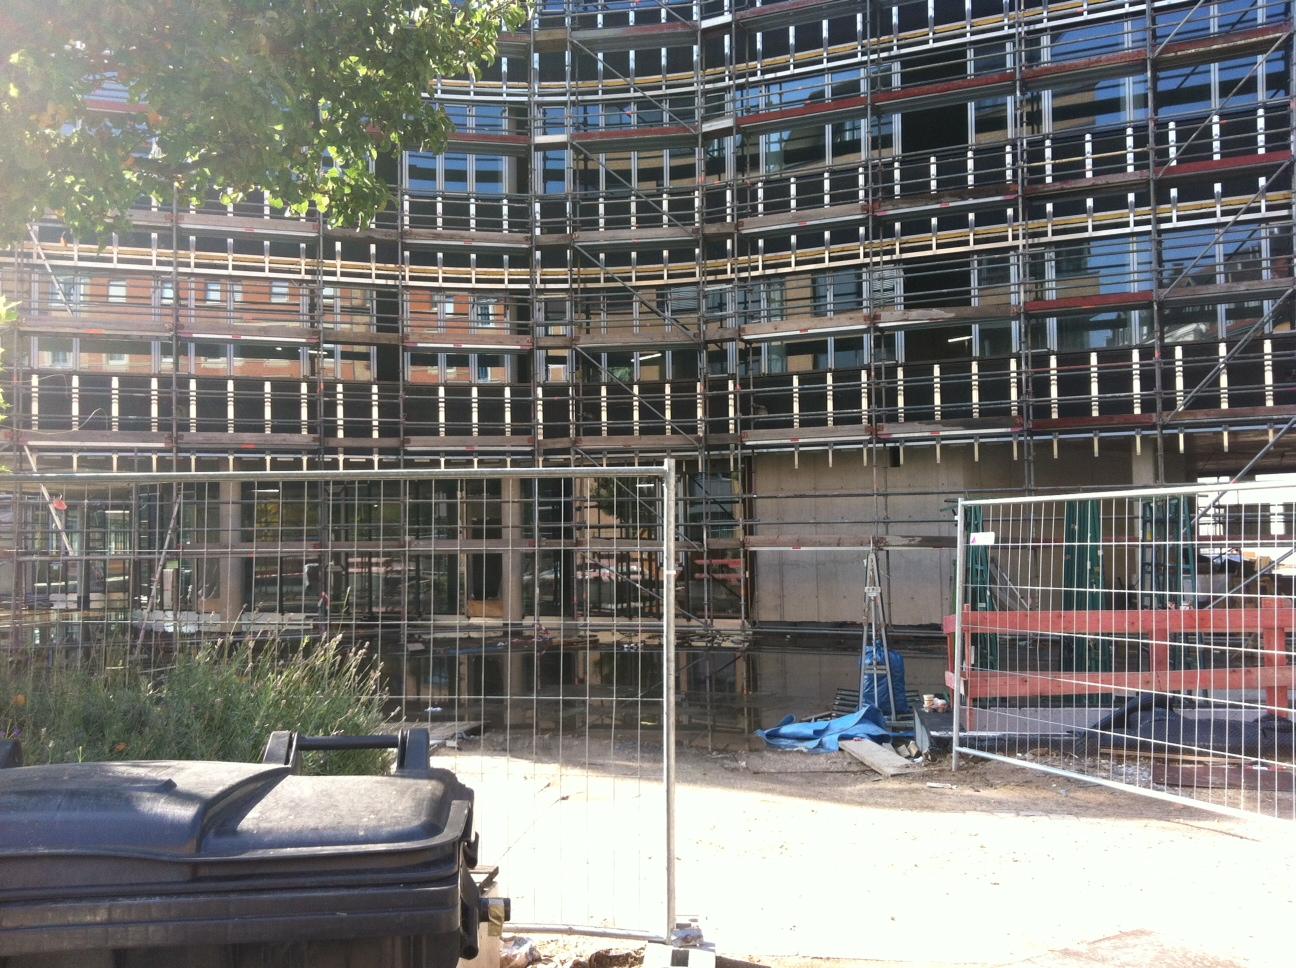 Das Synus-Gebäude im Bau - Rückwärtige Sicht